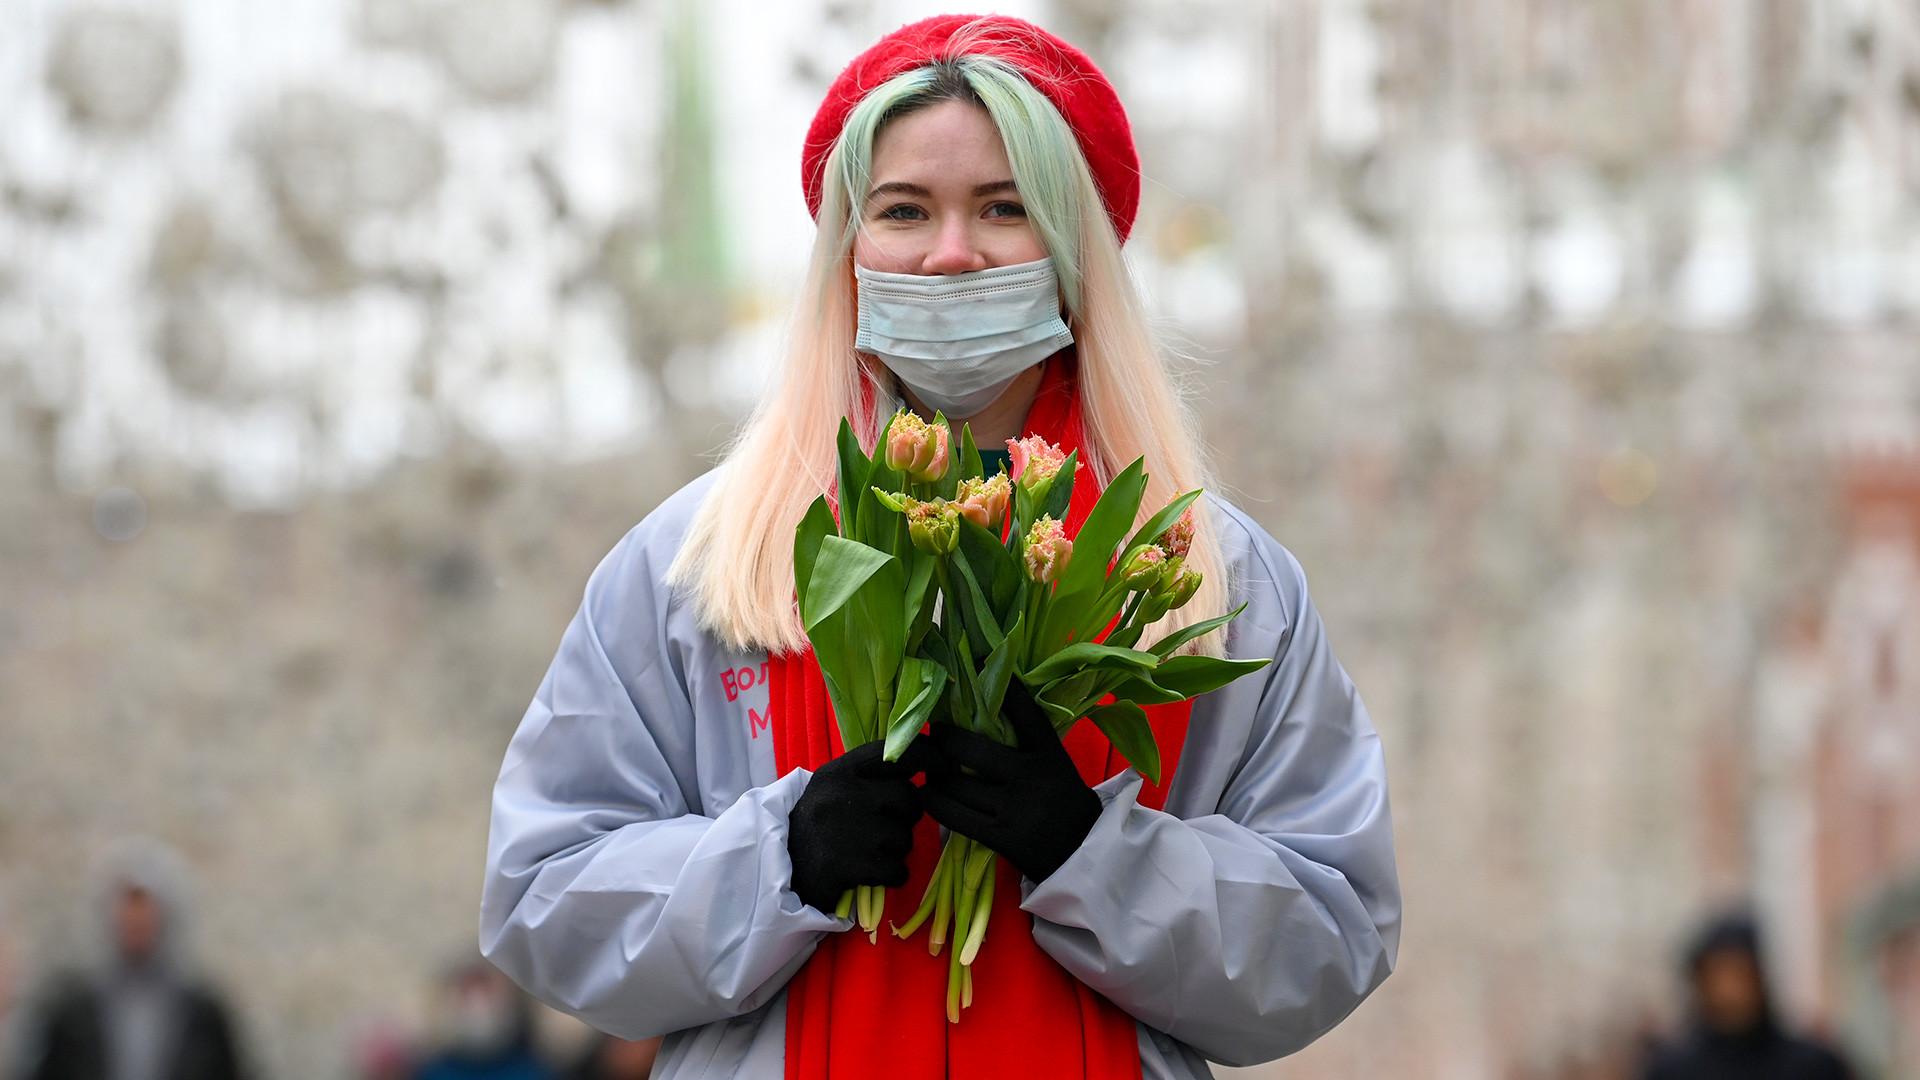 Volonterka u Nikoljskoj ulici s tulipanima  koje dijeli ženama. Akcija